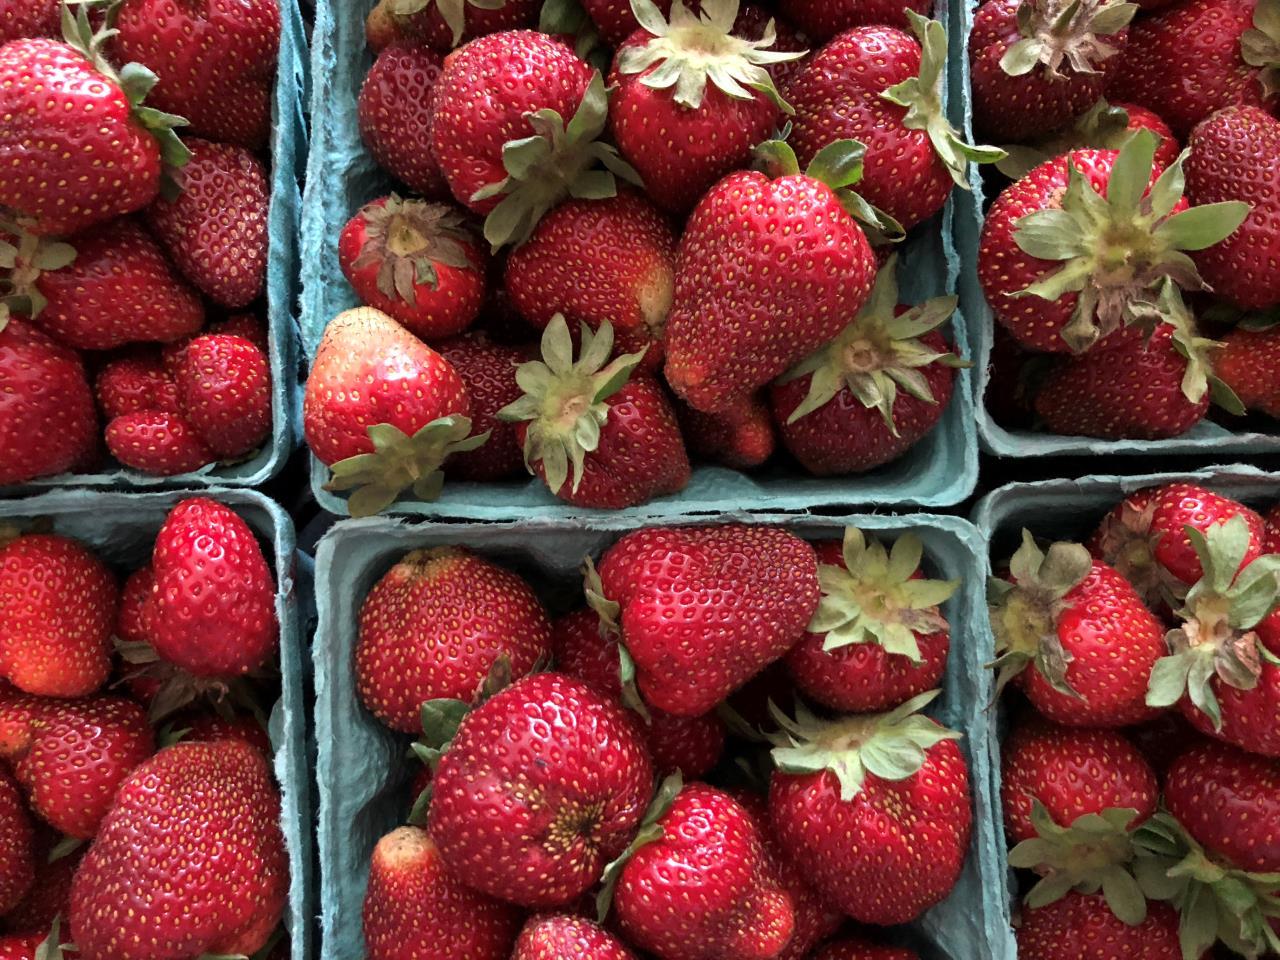 Strawberry Haul 2018 Edition – New Jersey – Mayernik Kitchen